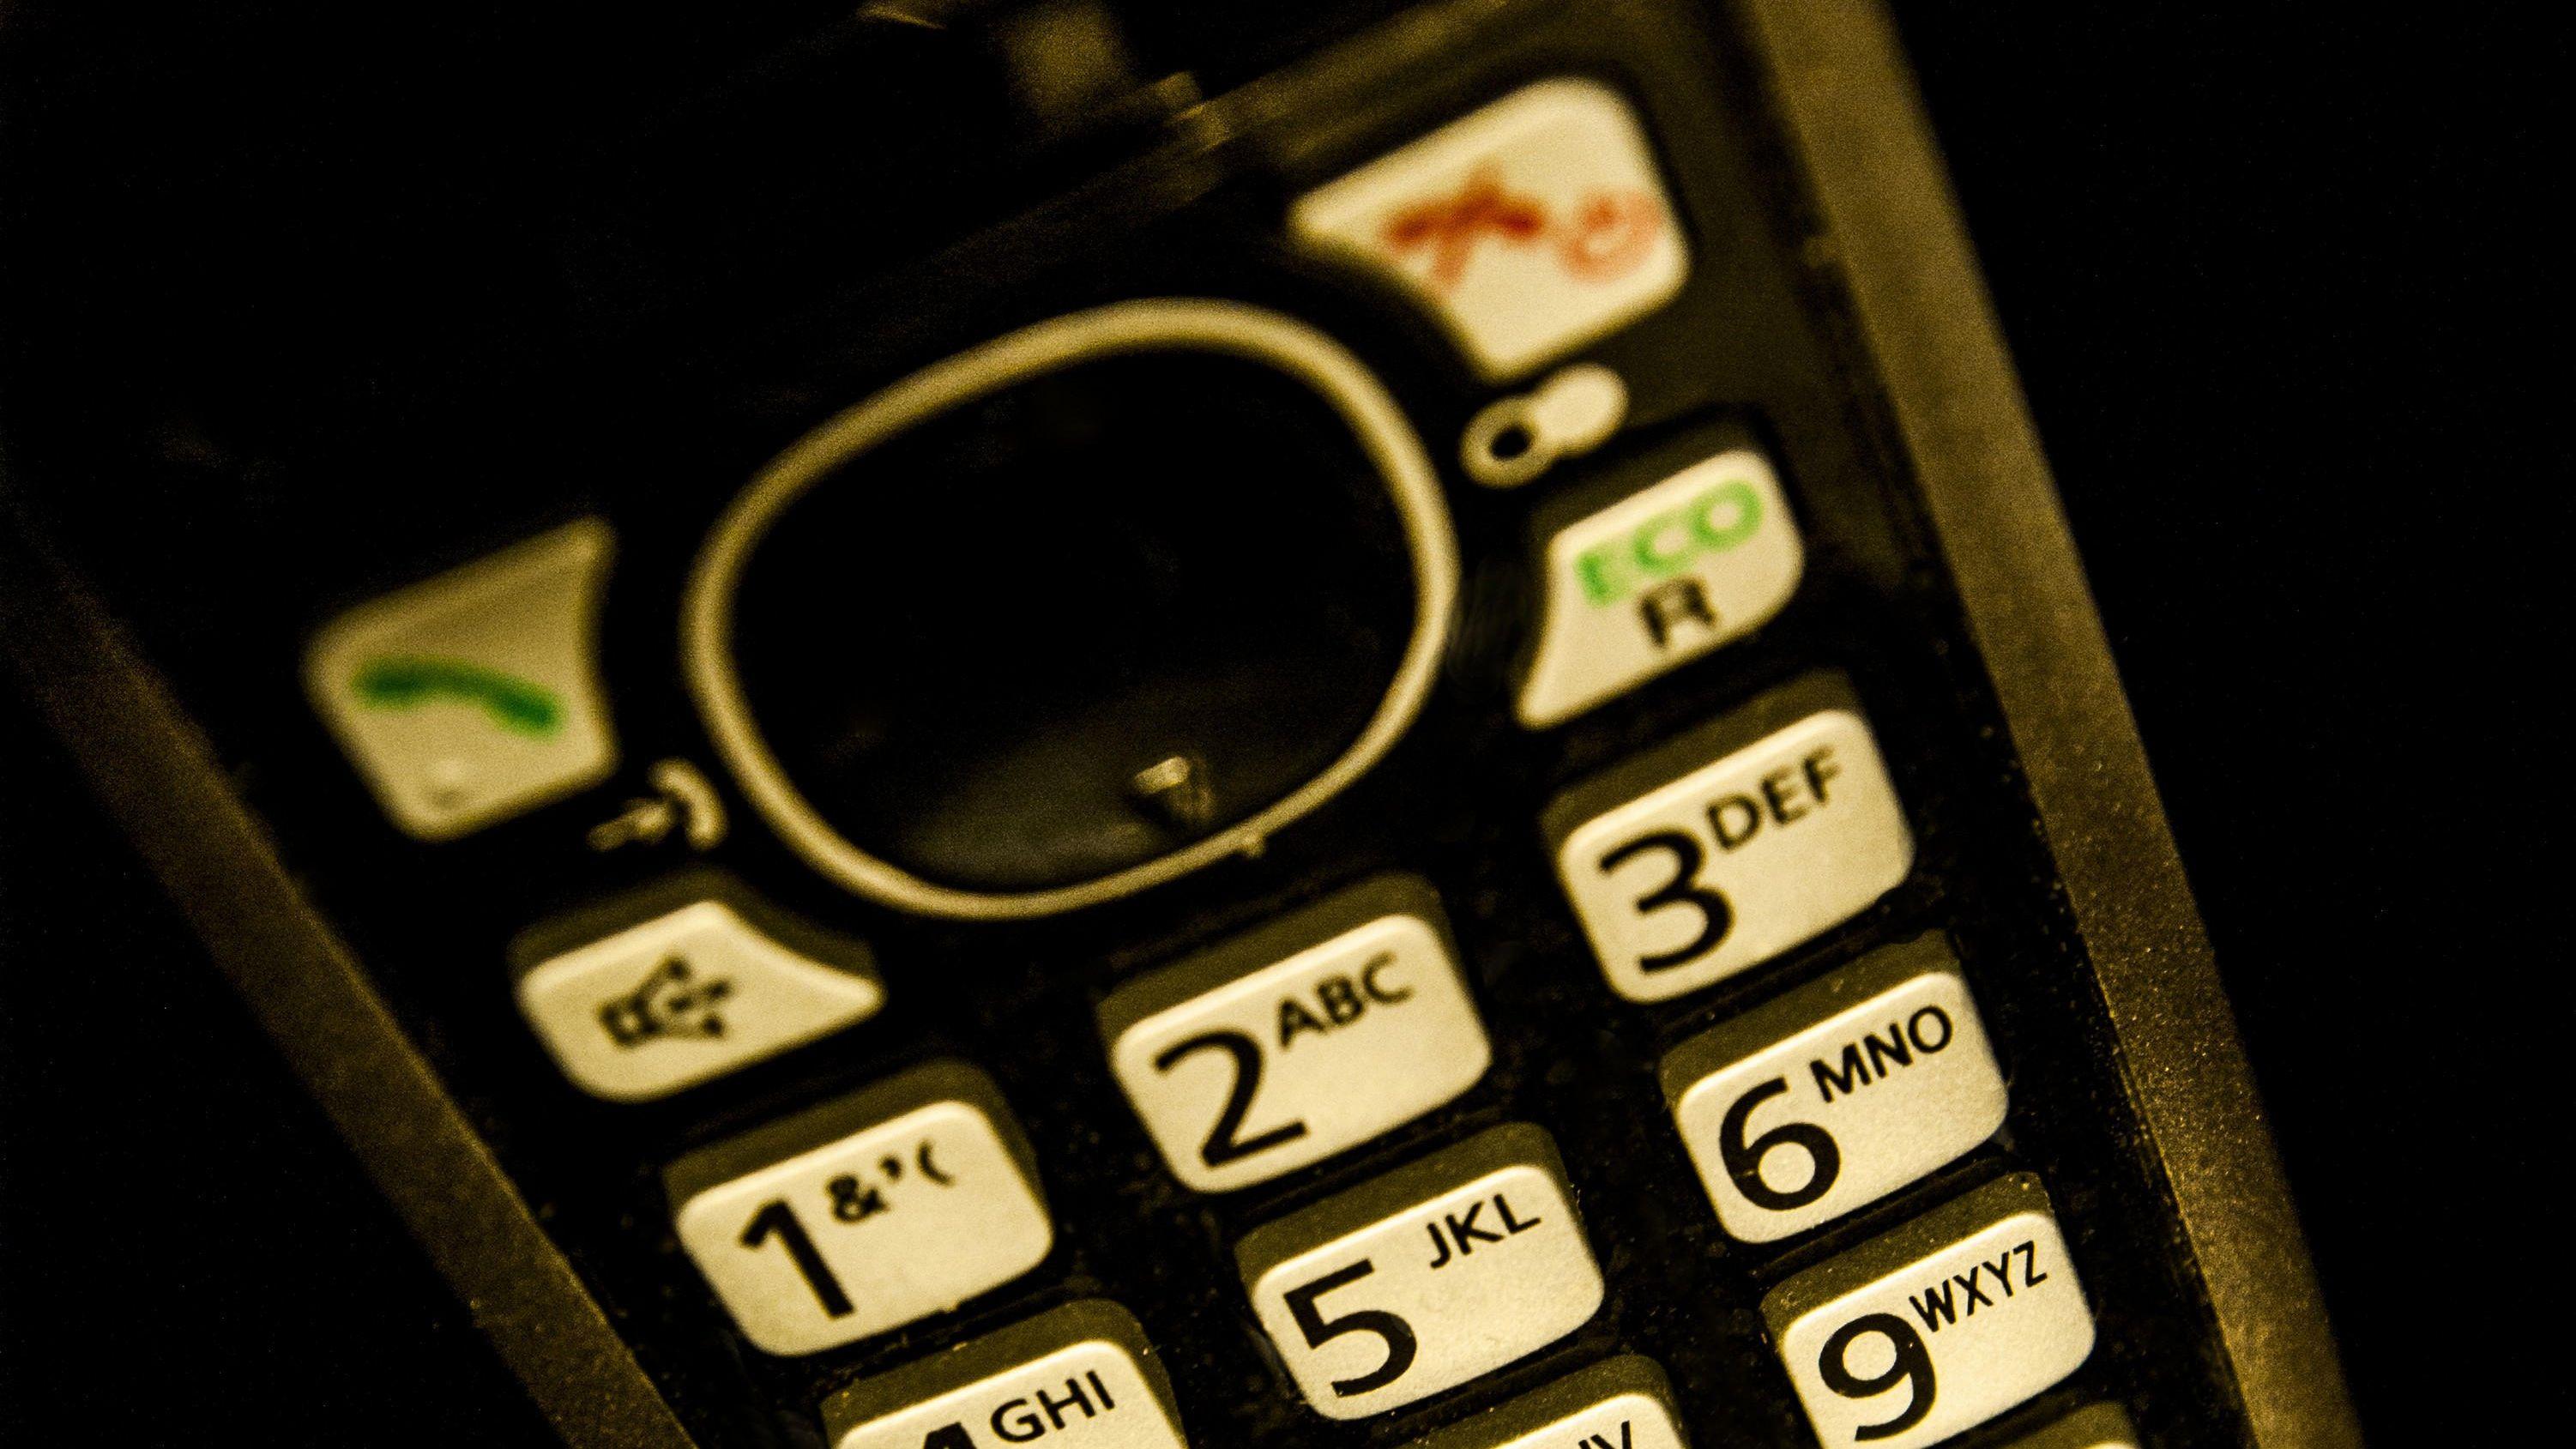 Die Tasten eines Festnetztelefons leuchten im Dunkeln